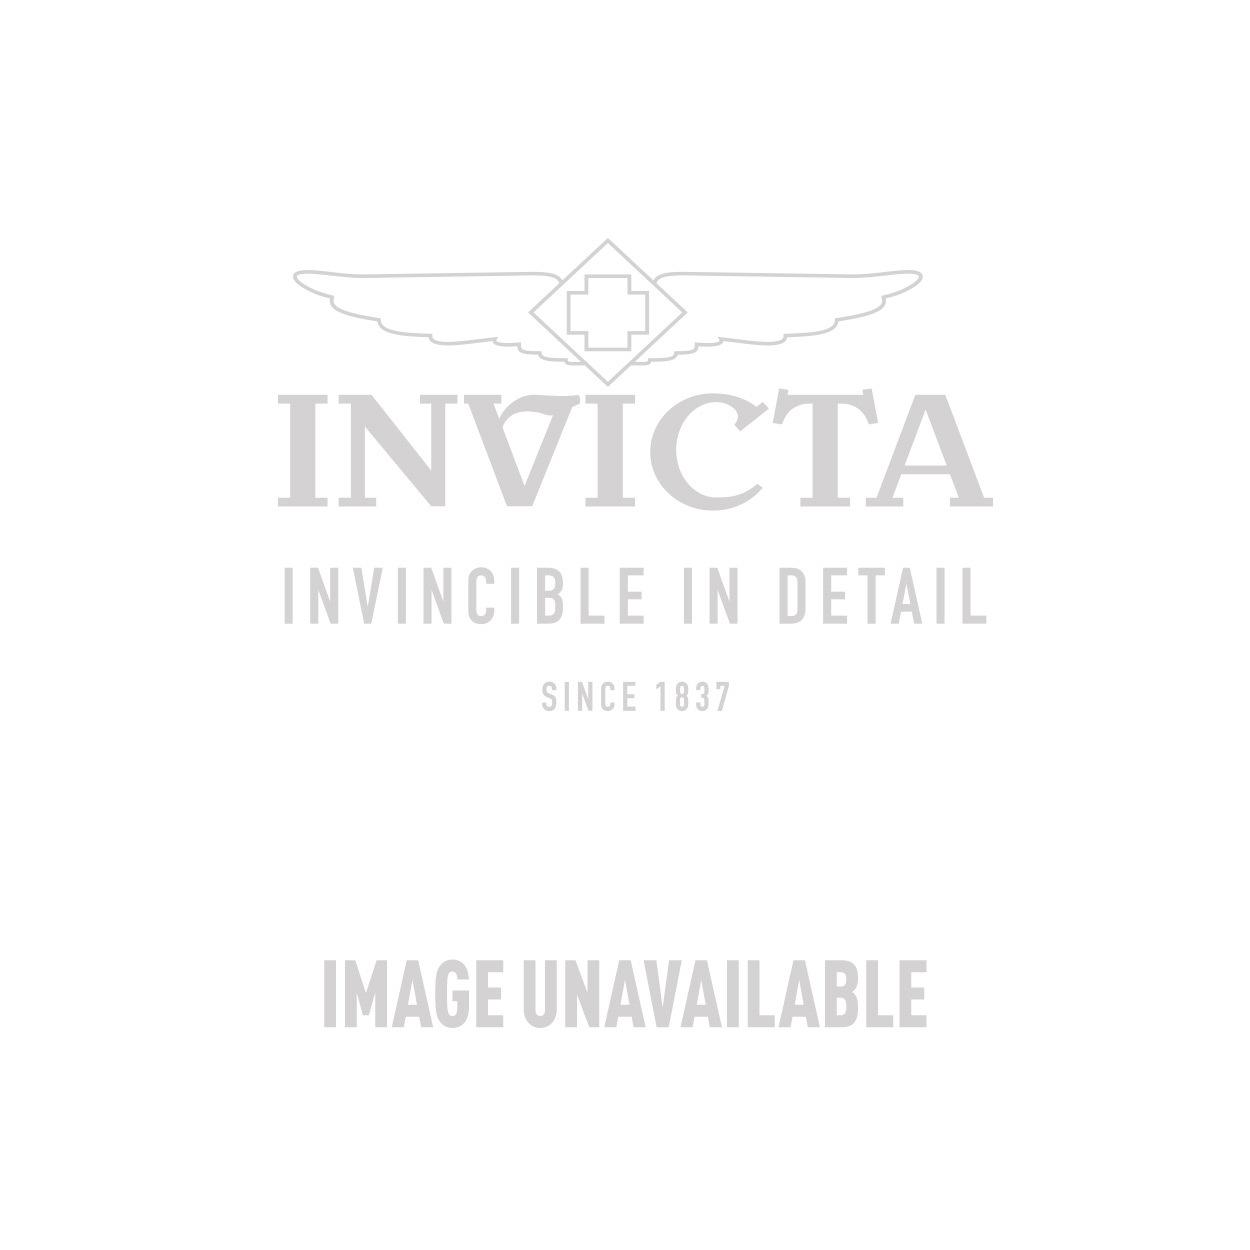 Invicta Model 22718